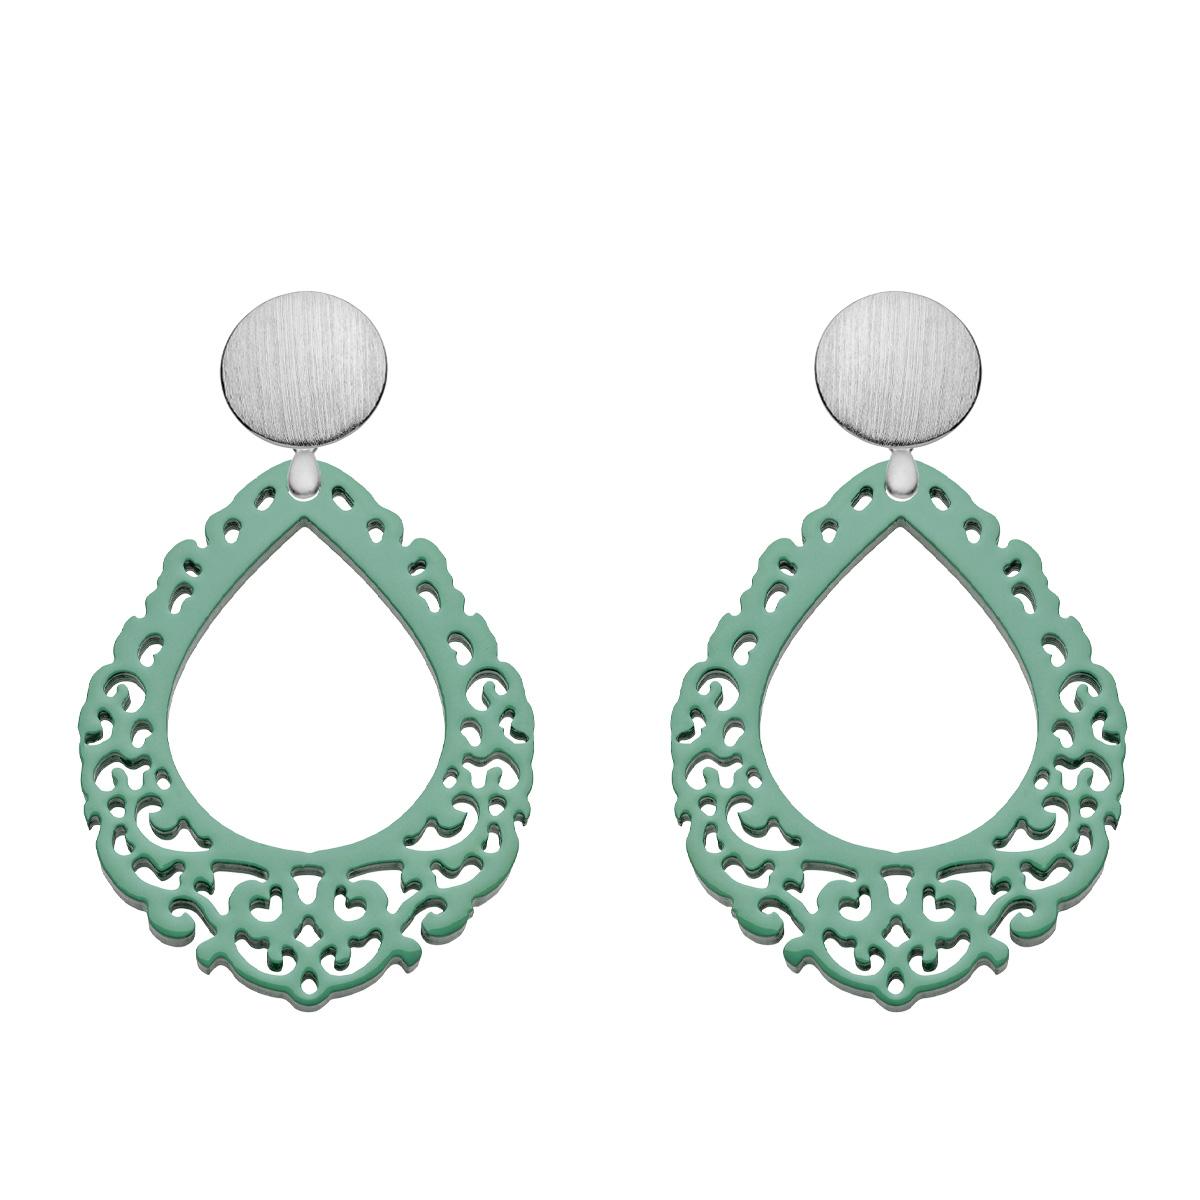 Ohrringe Jade aus Horn in Tropfenform mit silbernem Wechselsystem aus der Salina Kollektion von Romy North